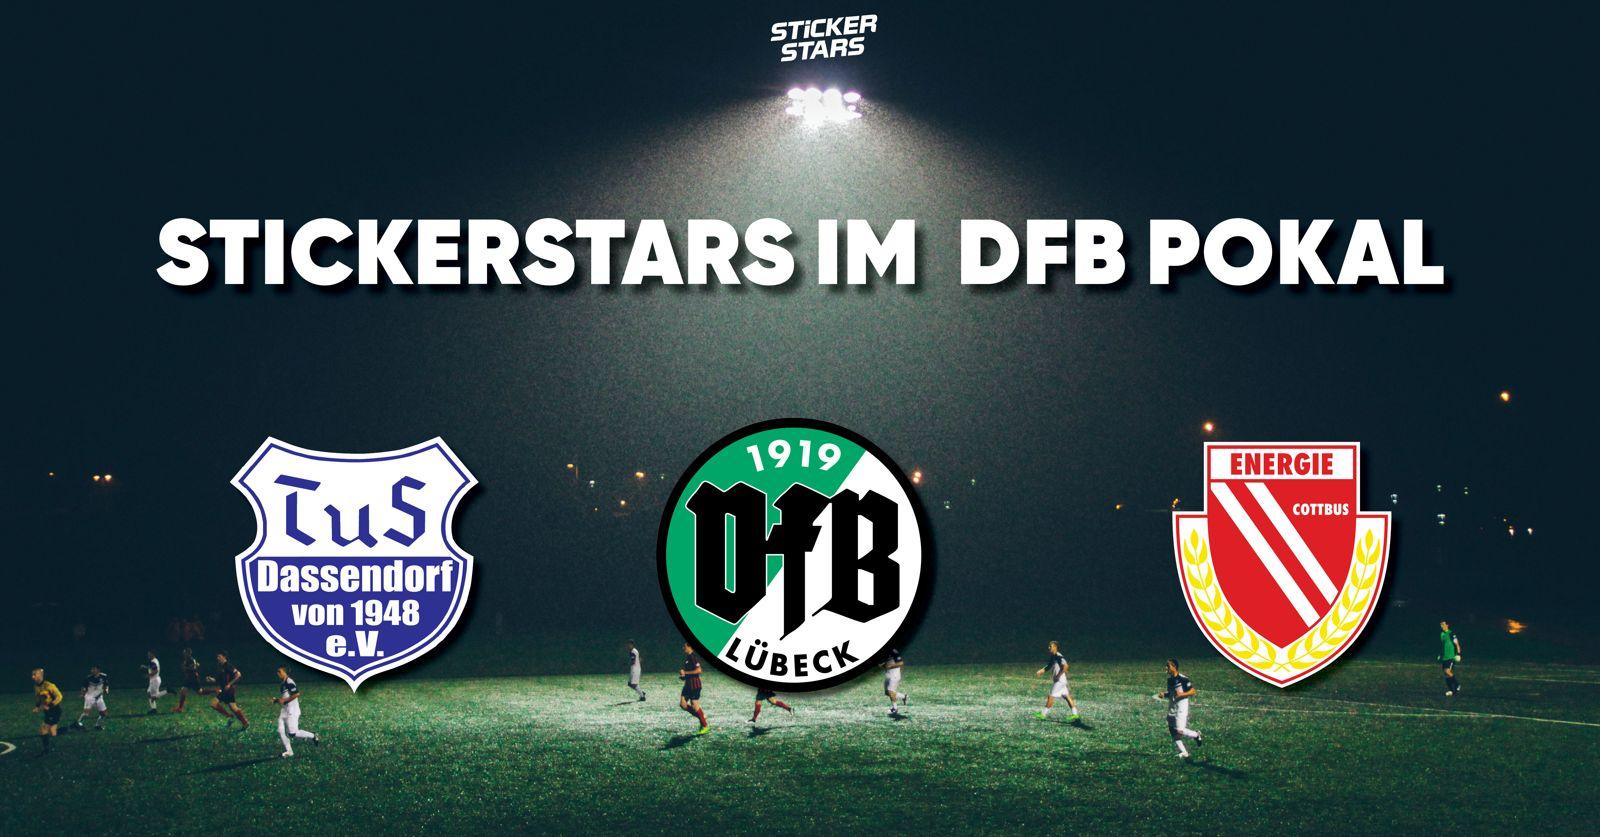 Stickerstars-Vereine im DFB Pokal